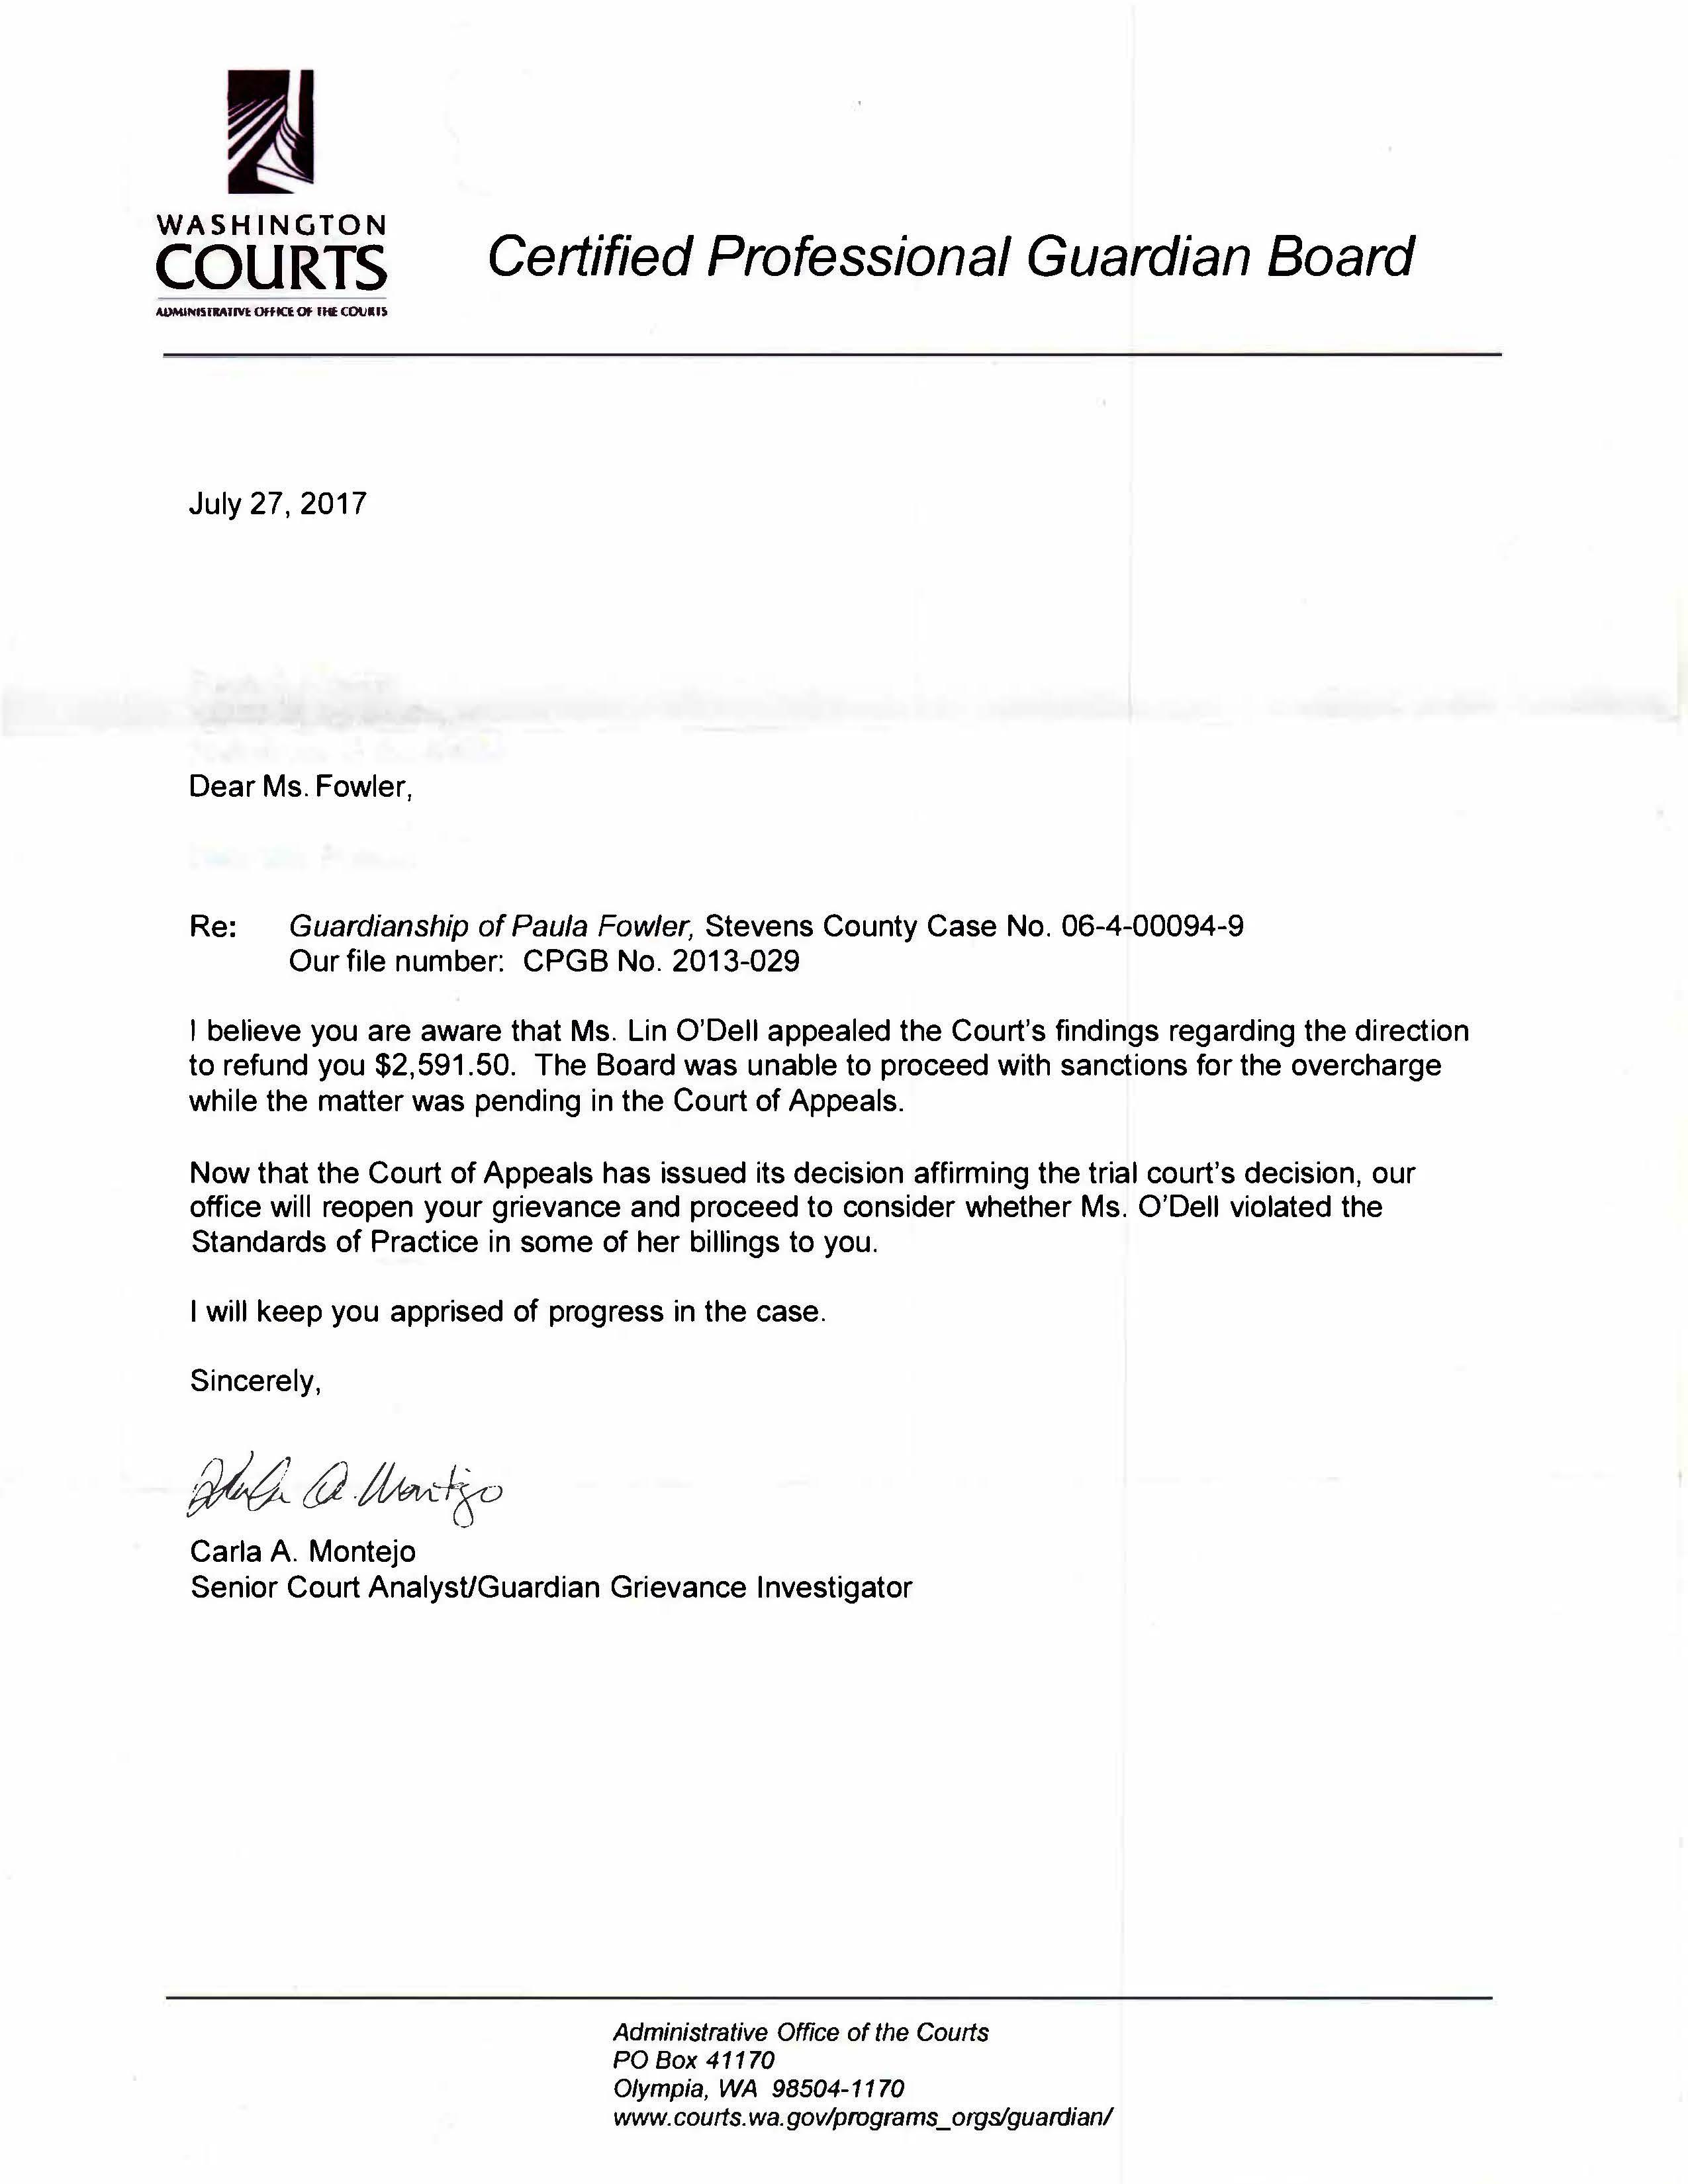 Guardianship Letter accepting complaints billing 2